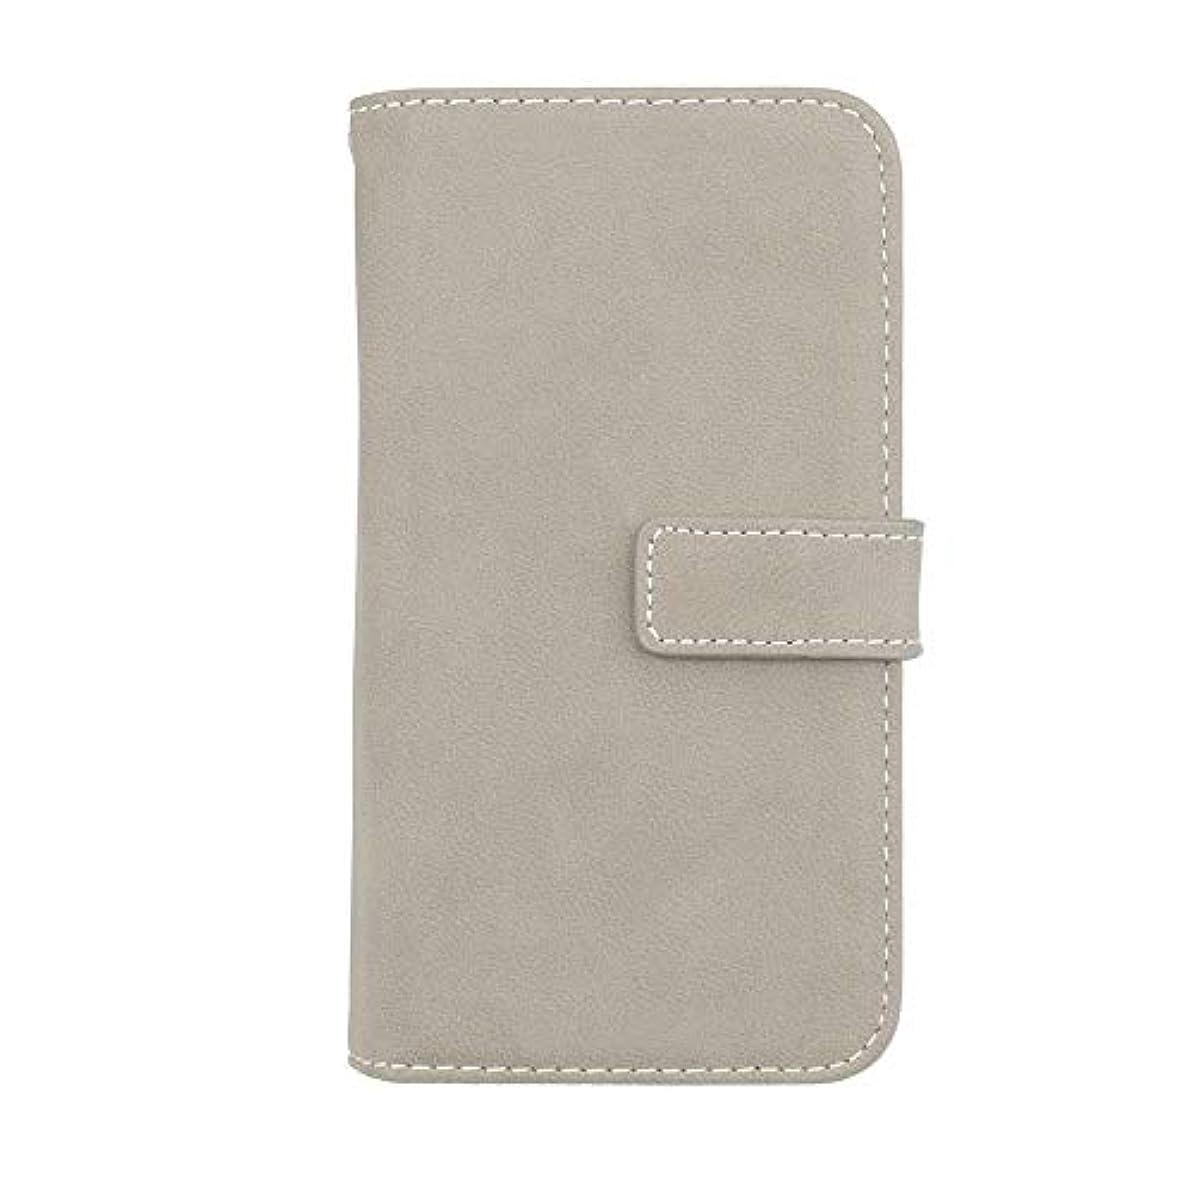 知り合いになる上に築きます環境に優しいXiaomi Redmi 4X 高品質 マグネット ケース, CUNUS 携帯電話 ケース 軽量 柔軟 高品質 耐摩擦 カード収納 カバー Xiaomi Redmi 4X 用, グレー